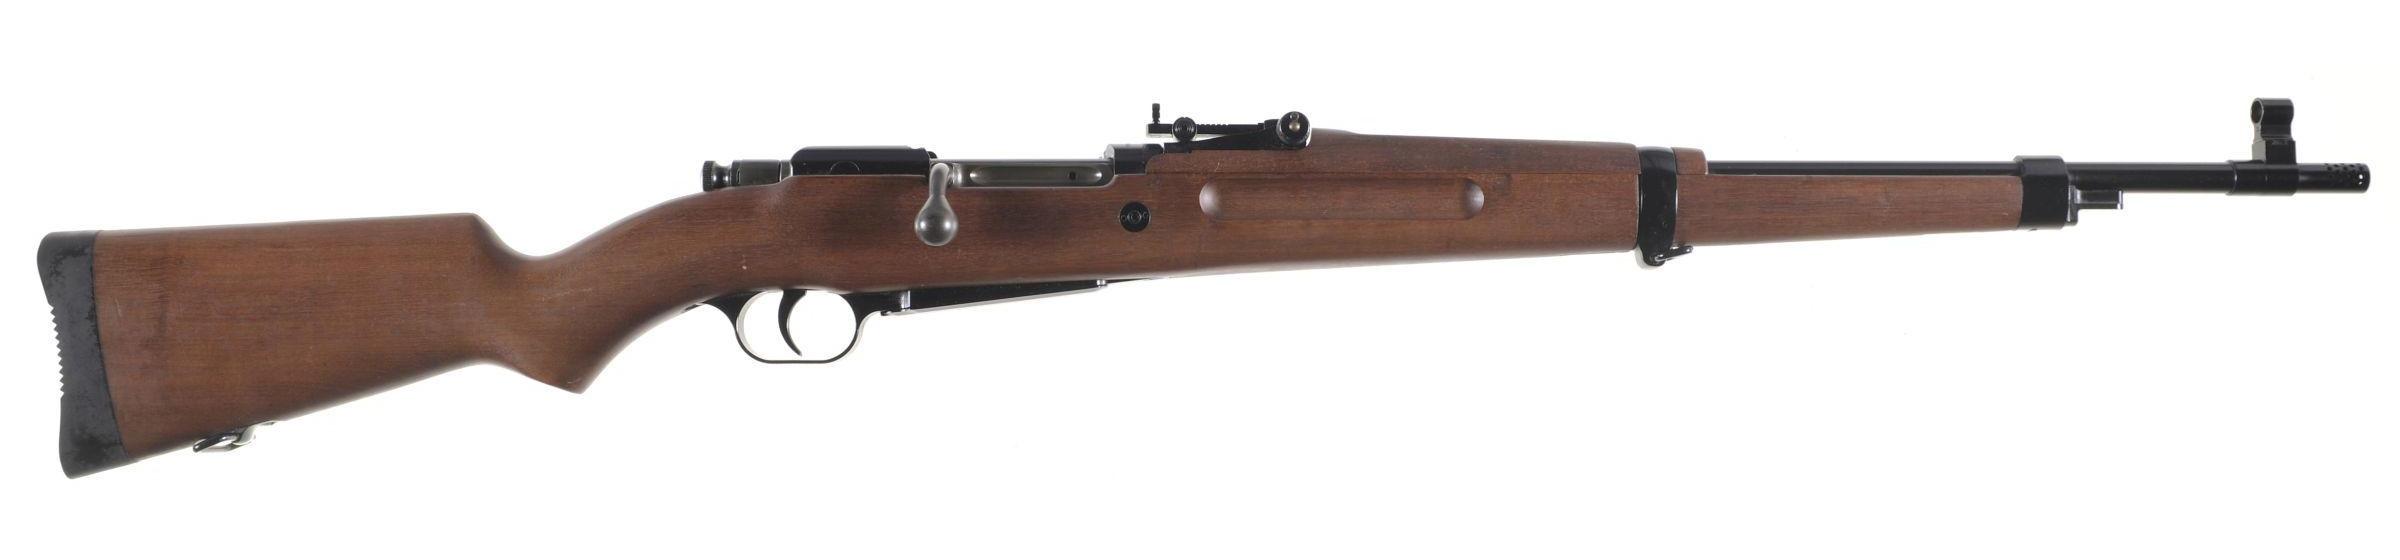 Madsen M47 military rifle